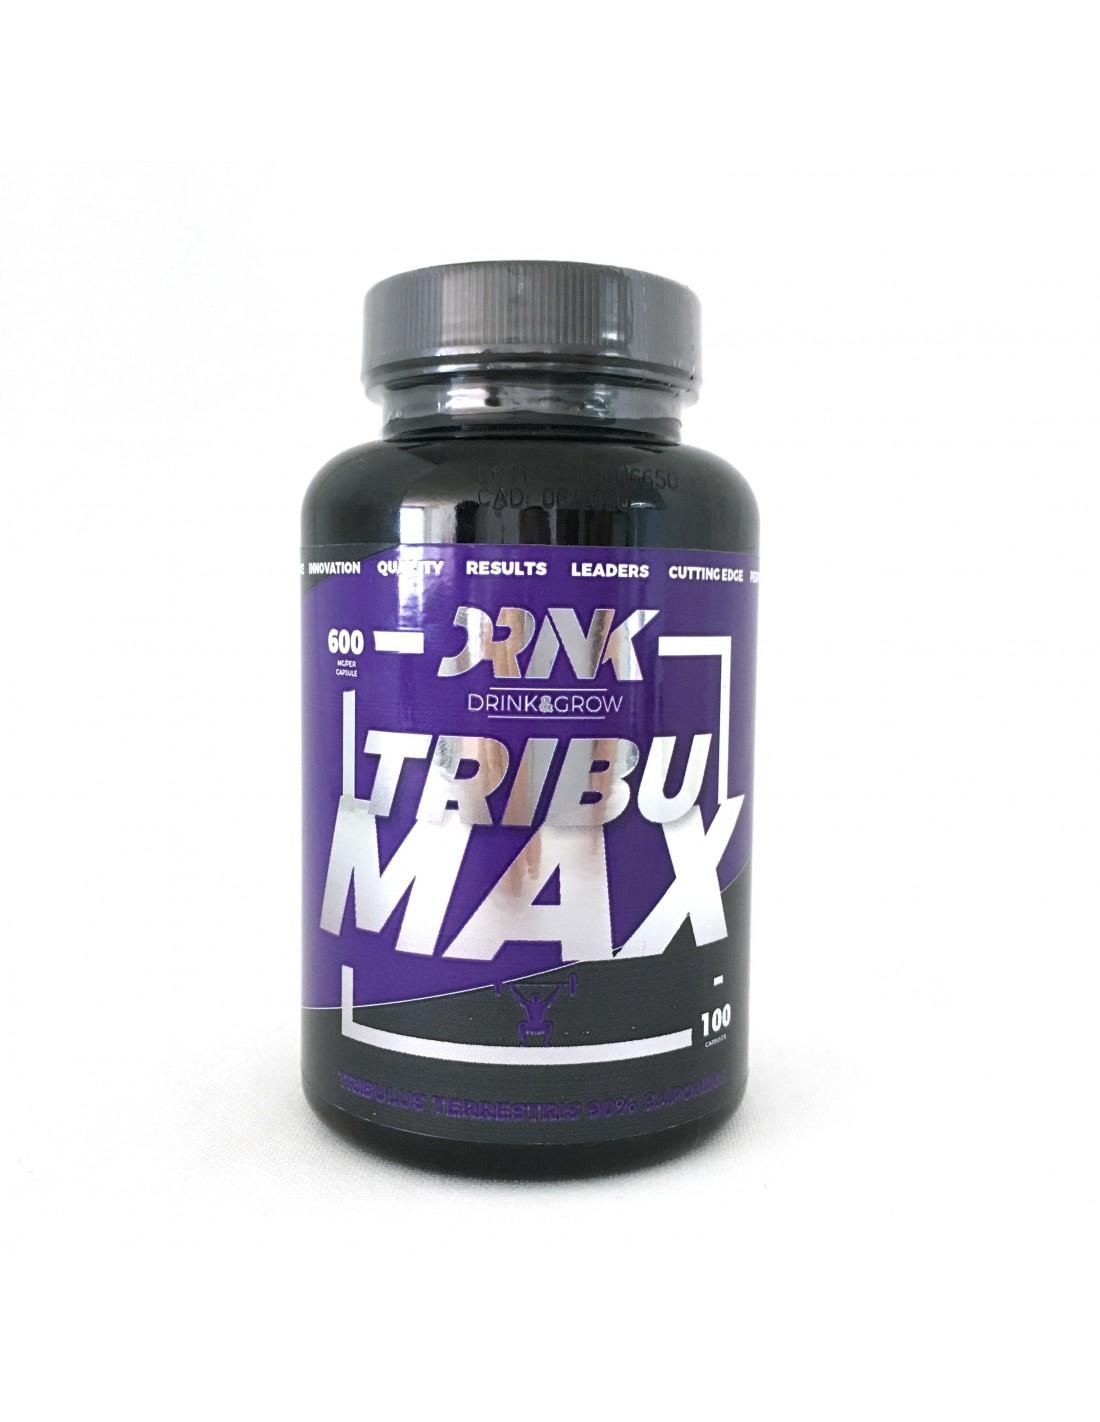 Tribu MAX 100 capsules - DRINK&GROW - Buy Muscle